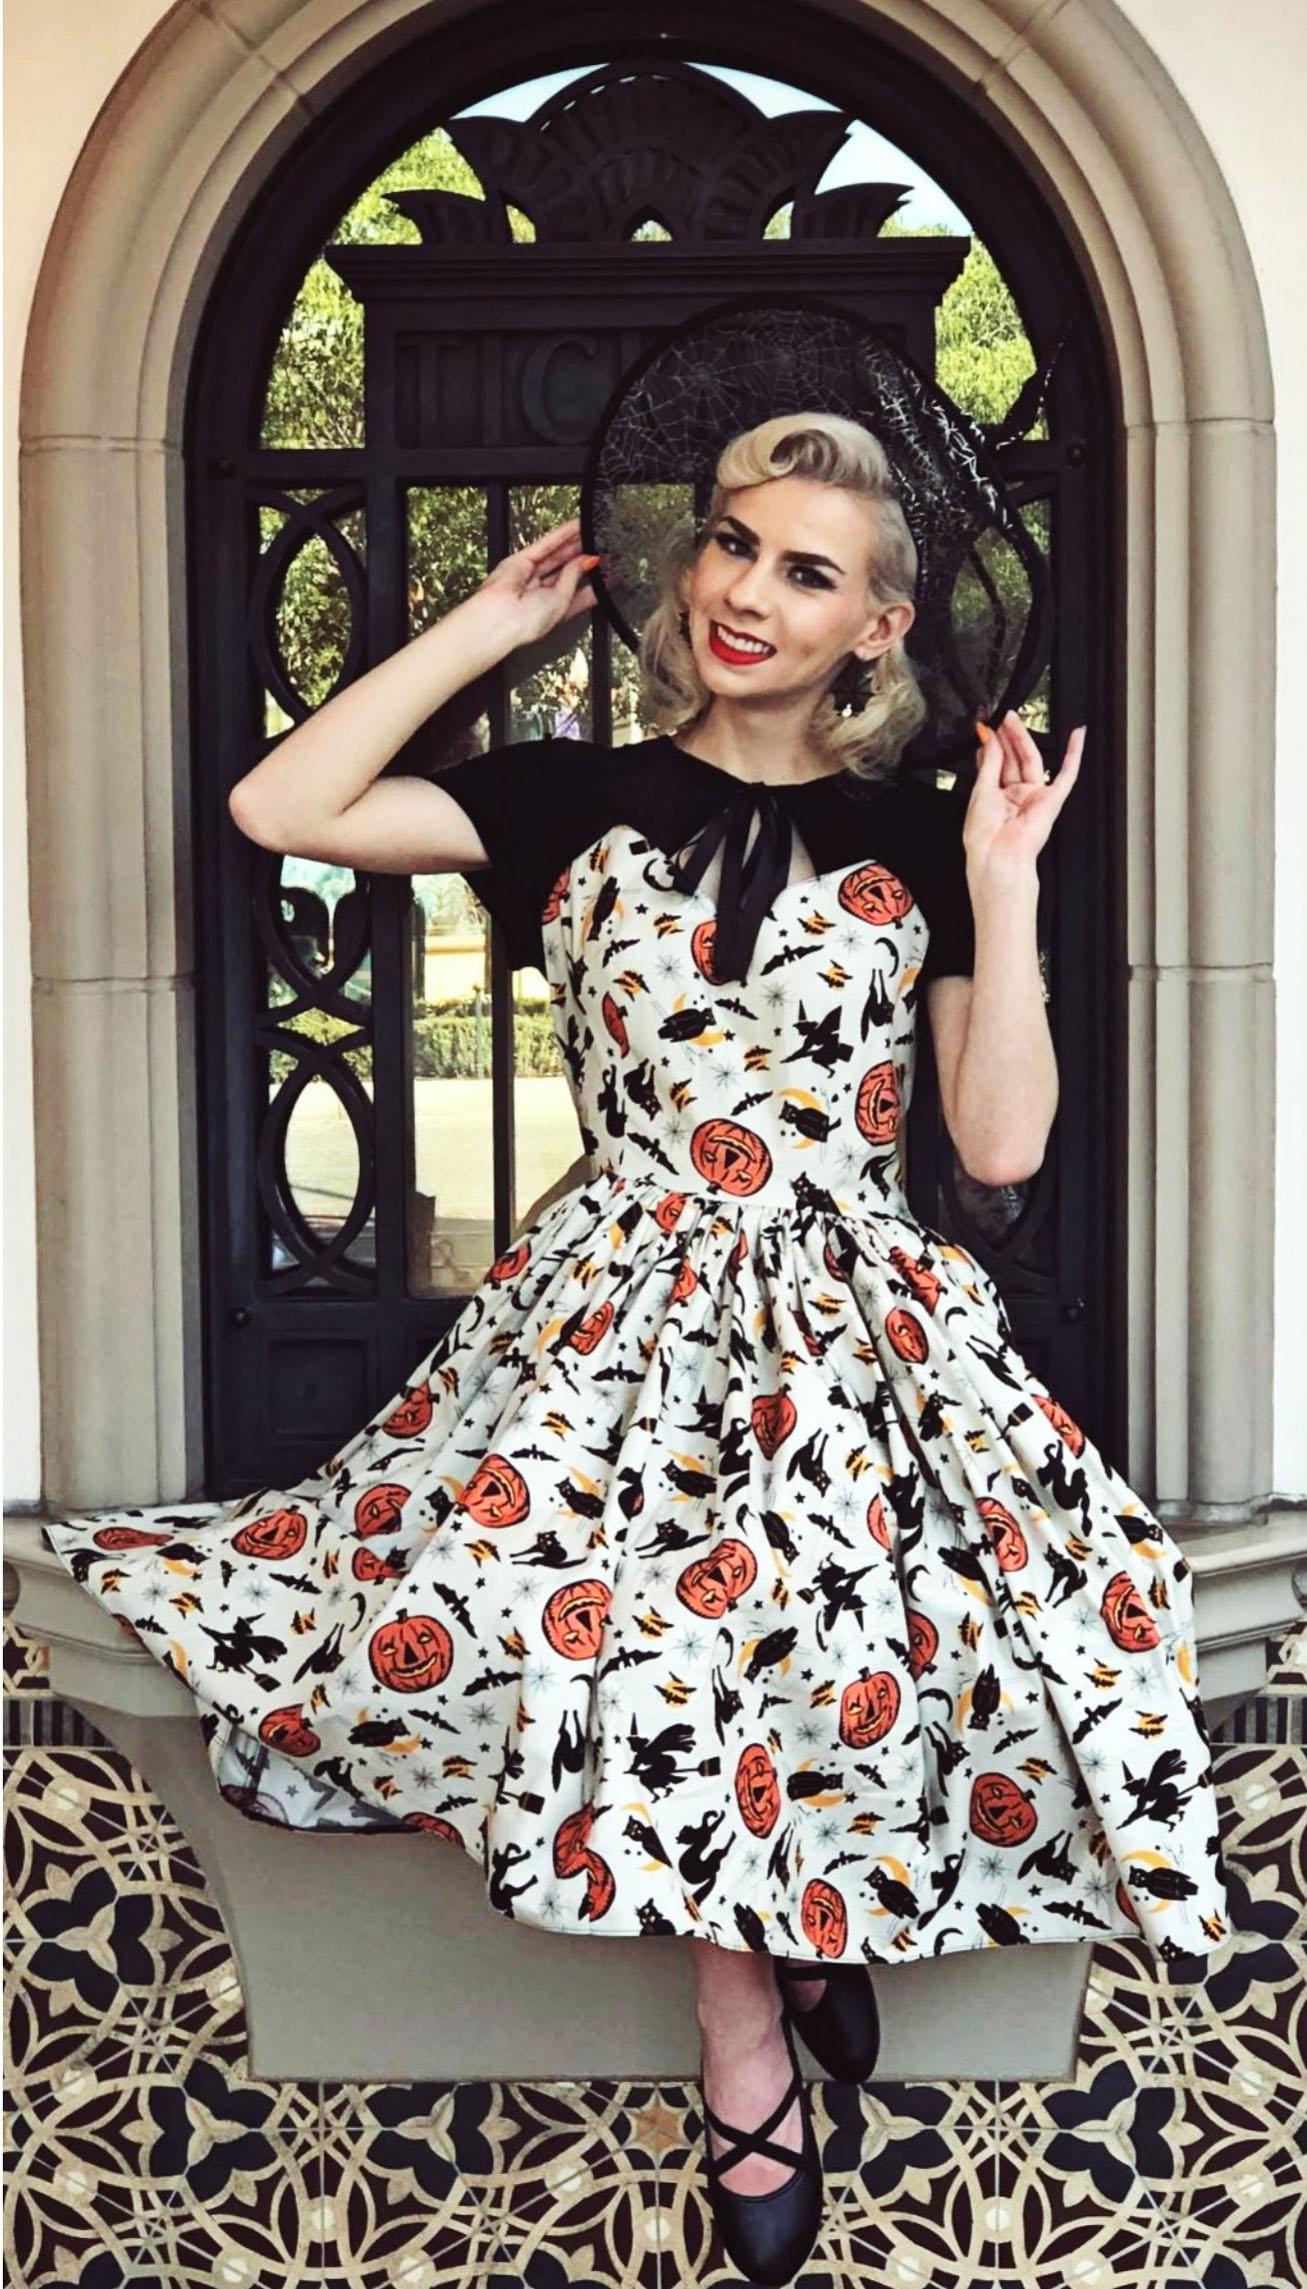 The Hallowe'en Dress